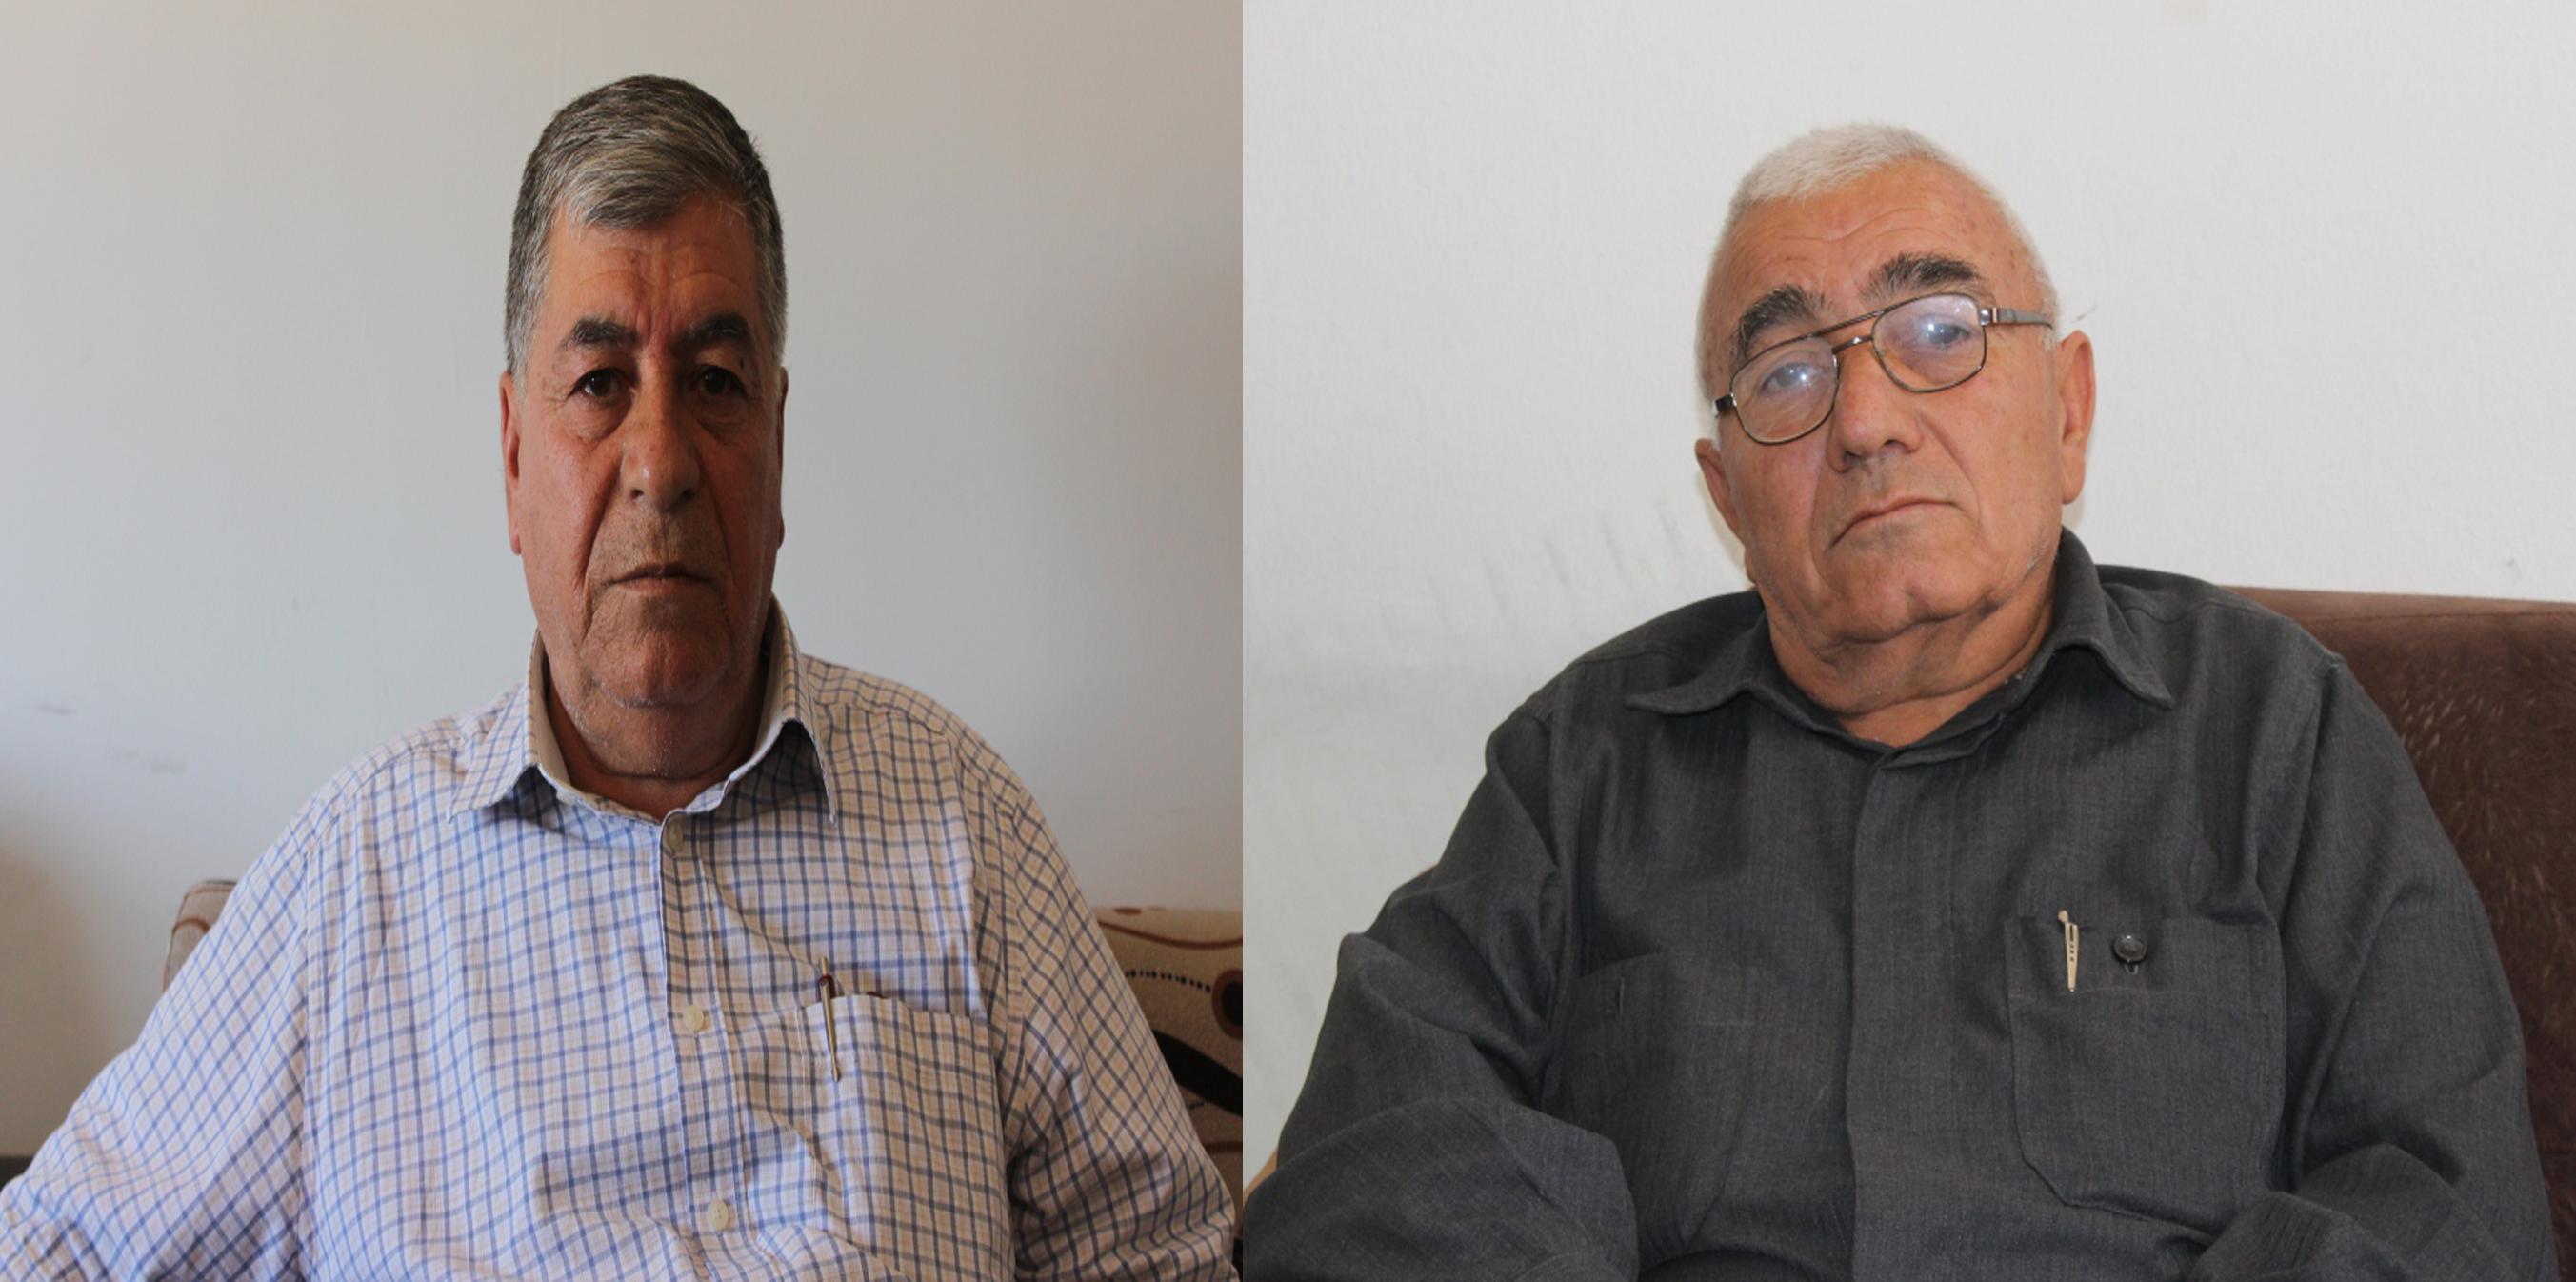 وجهاء العشائر الكردية: على المنظمات الحقوقية وقف الانتهاكات التركية بحق أوجلان